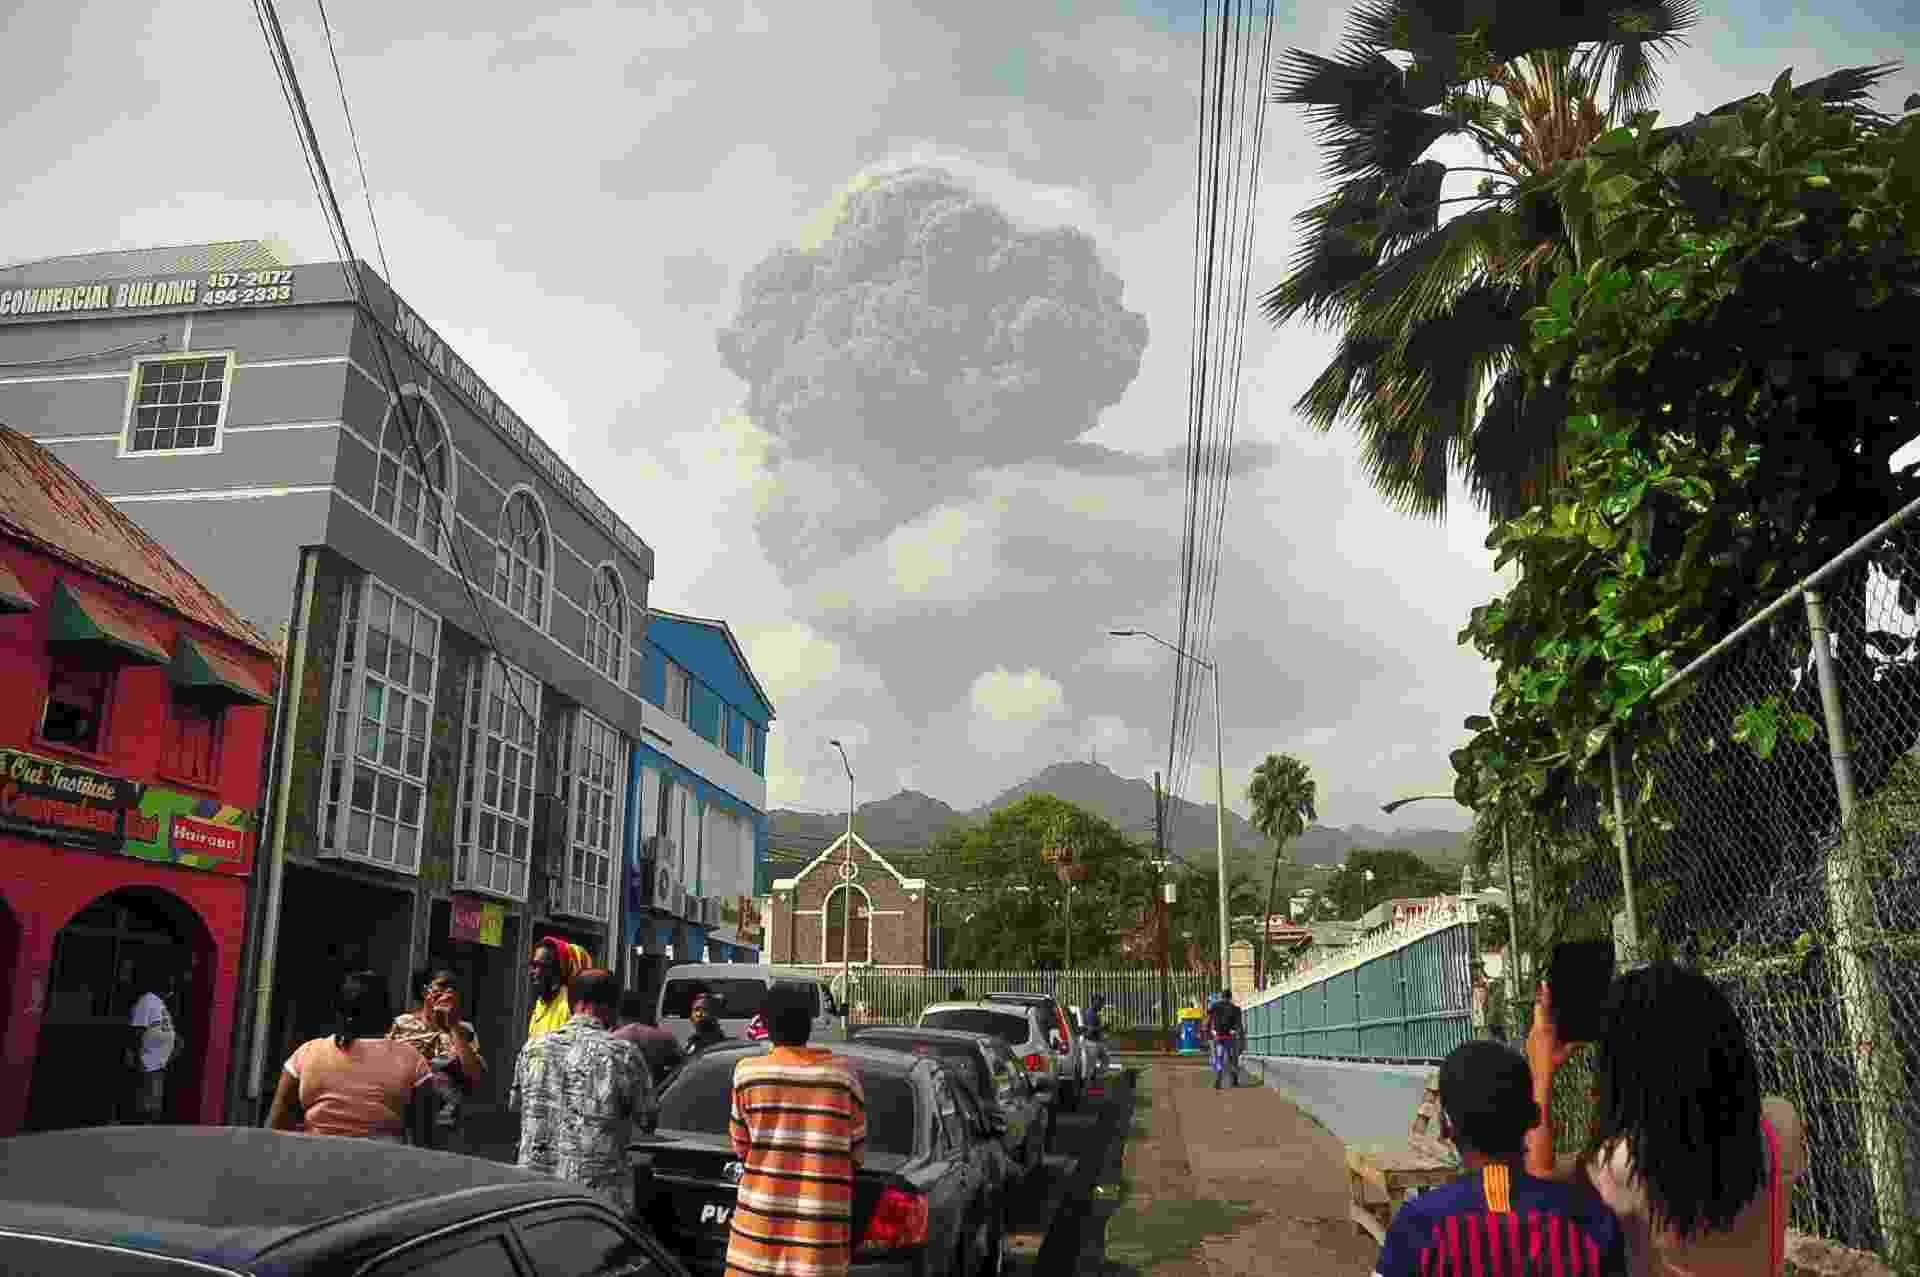 09.abr.2021 - Cinzas e fumaça sobem durante erupção do vulcão La Soufriere e se aproximam de vilarejo em Kingstown, na ilha de São Vicente, no Caribe - REUTERS/Robertson S. Henry